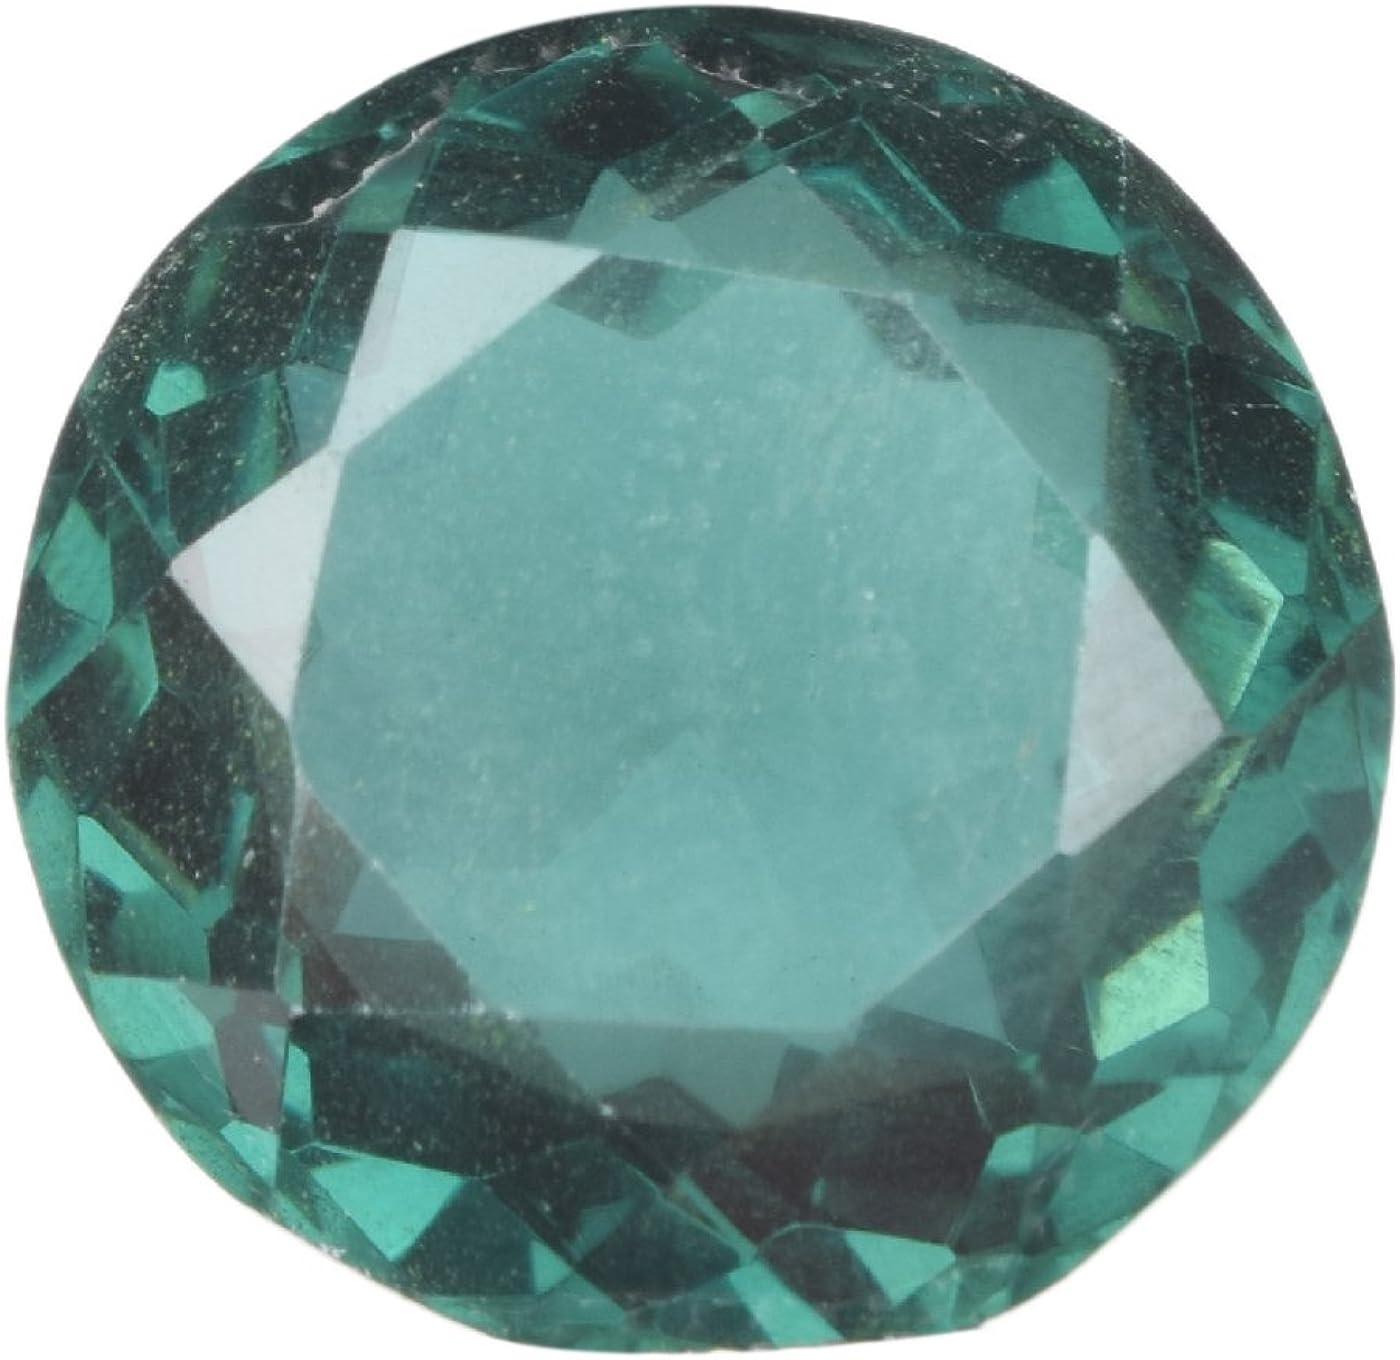 Gemhub Piedra Preciosa Amatista Verde 18.00 CT Tamaño del Anillo Forma Redonda Amatista Verde Piedra Suelta BL-360